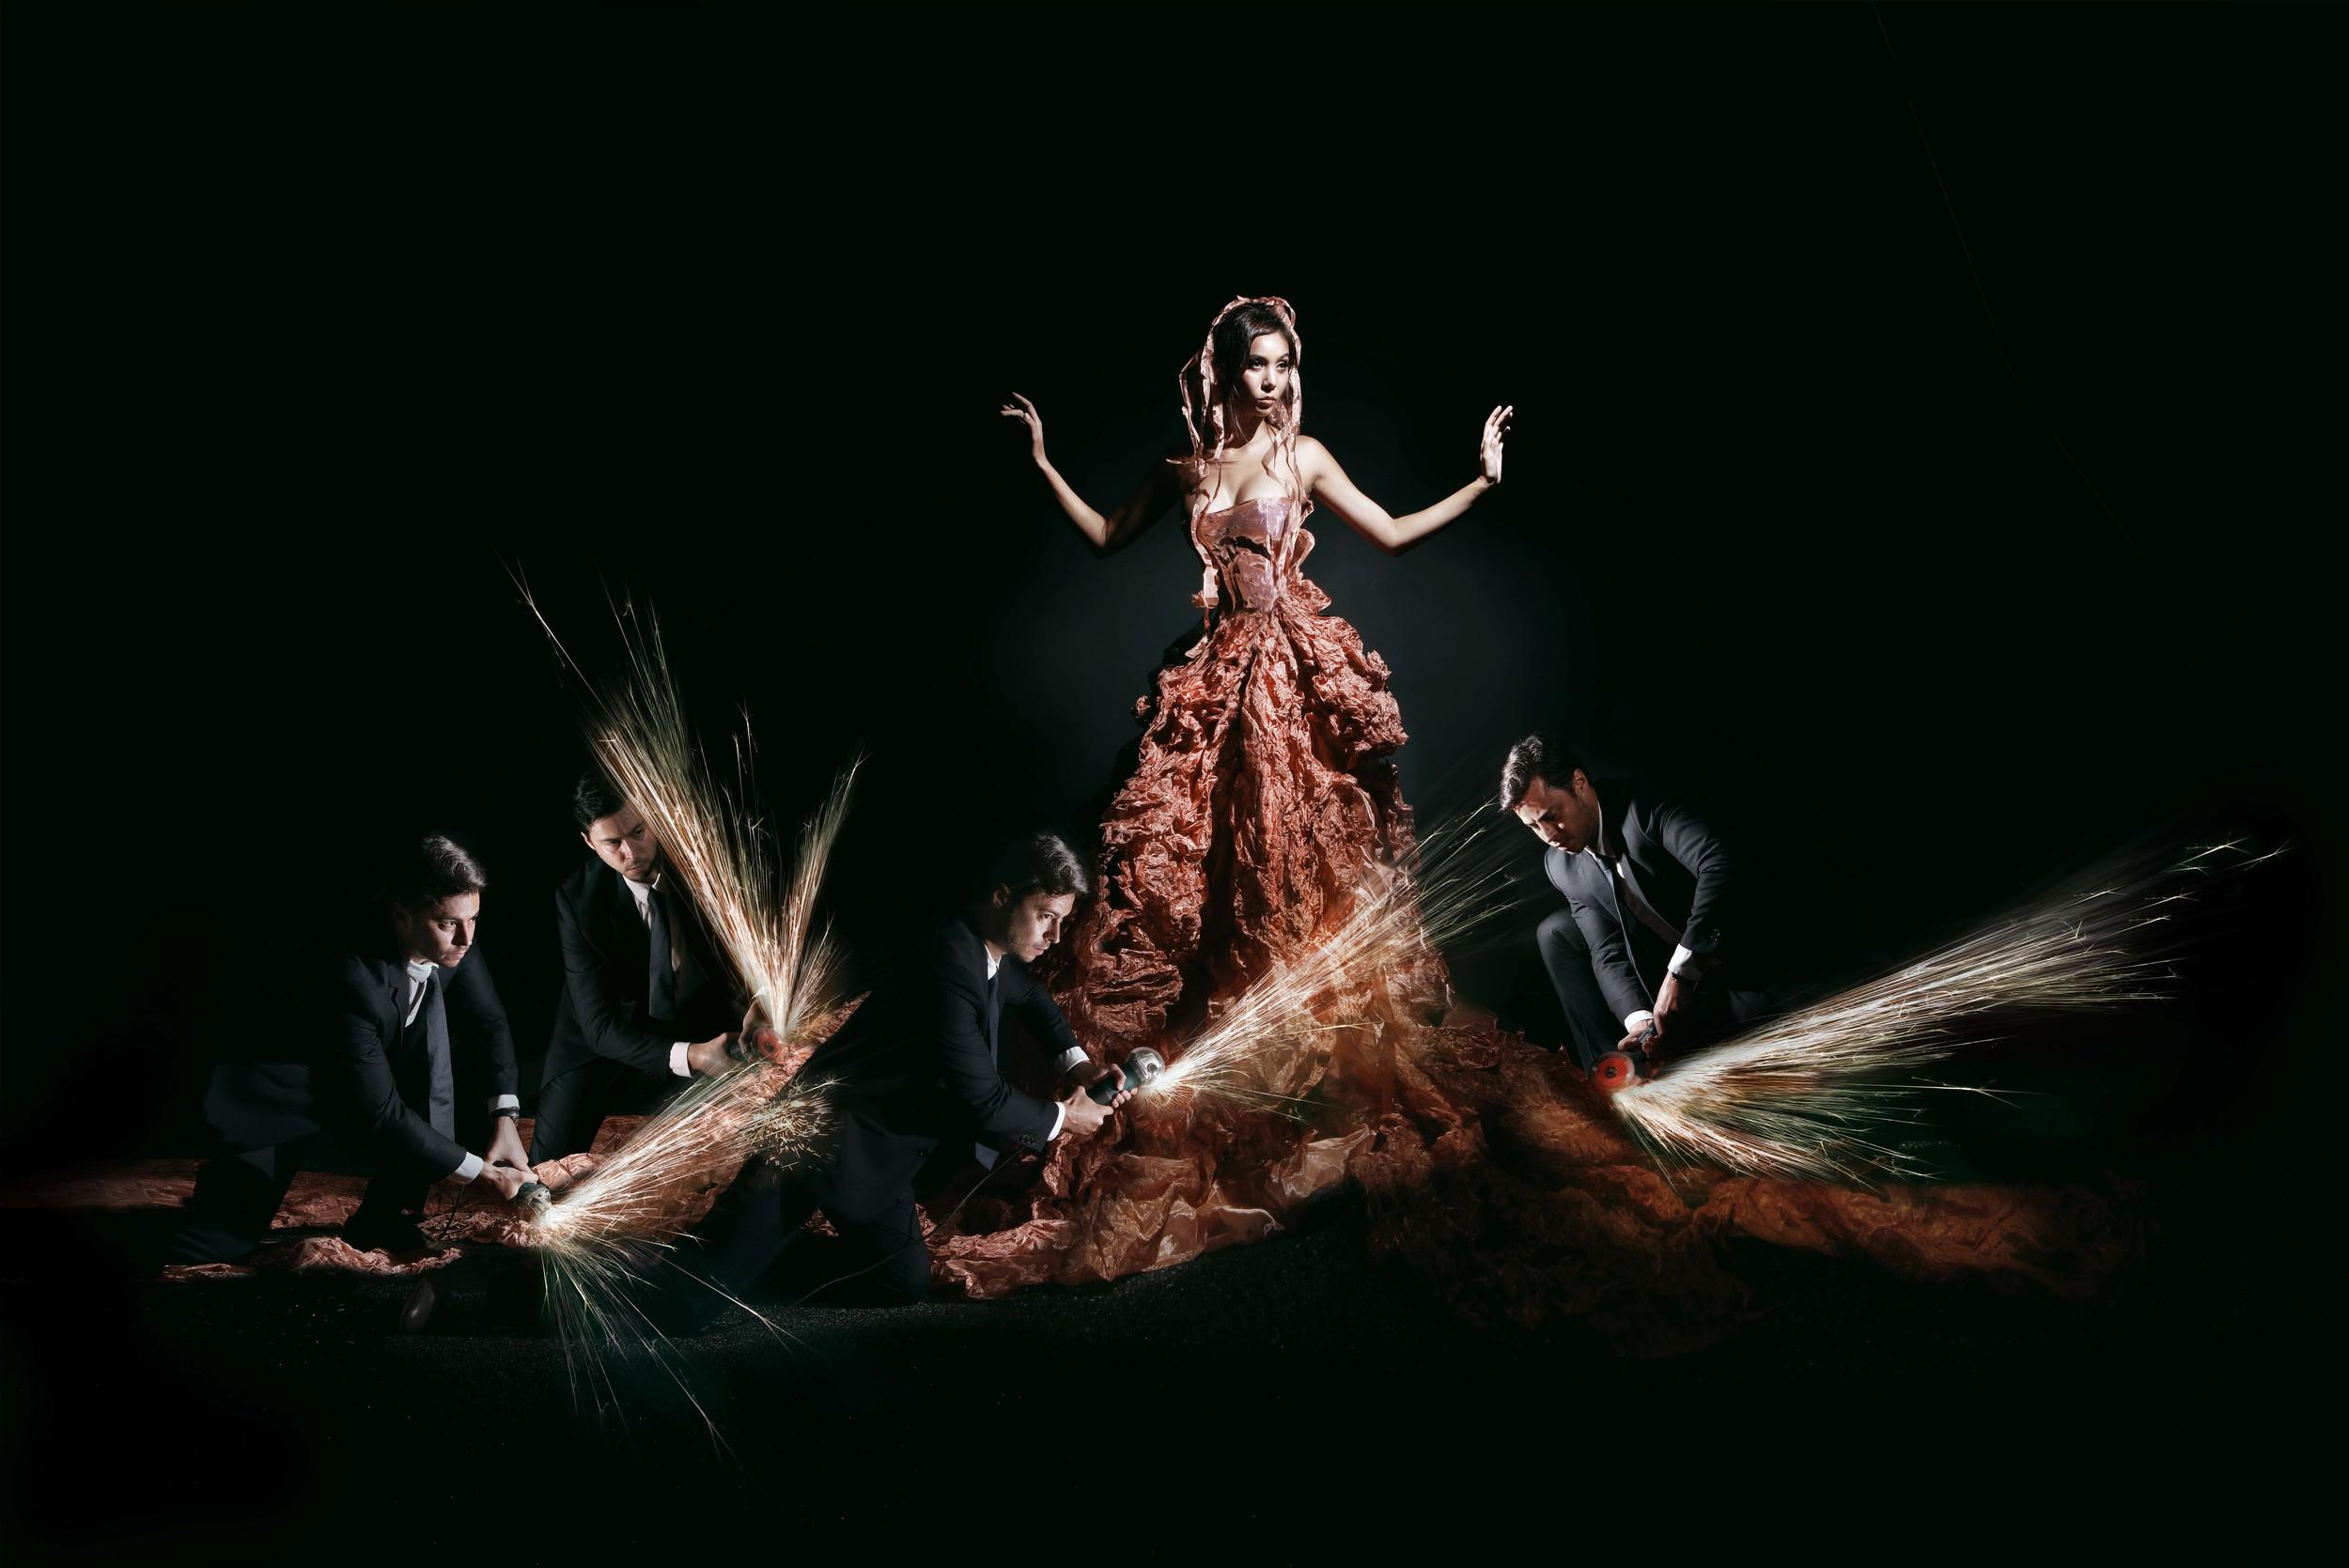 metal+dress+copper+lrg_web.jpg